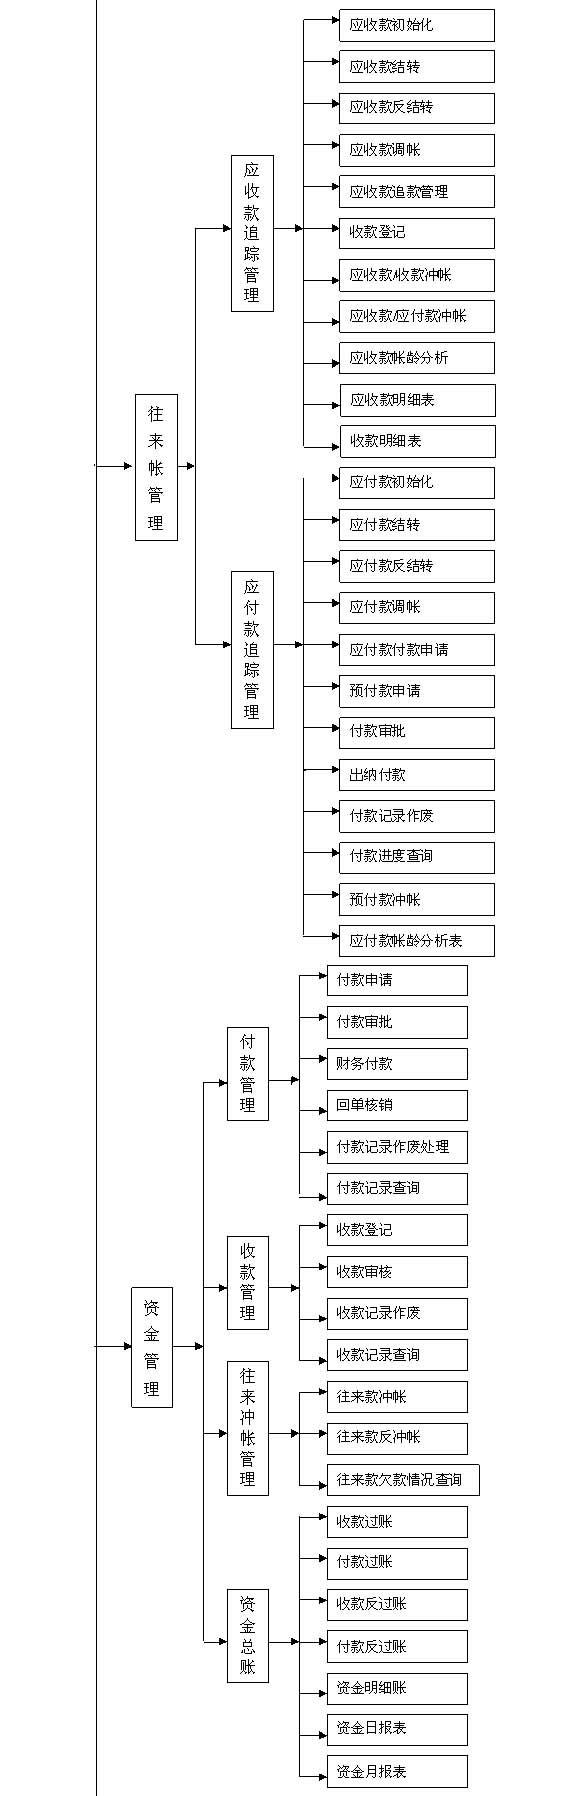 港口物流综合管理软件-标准版-1_04